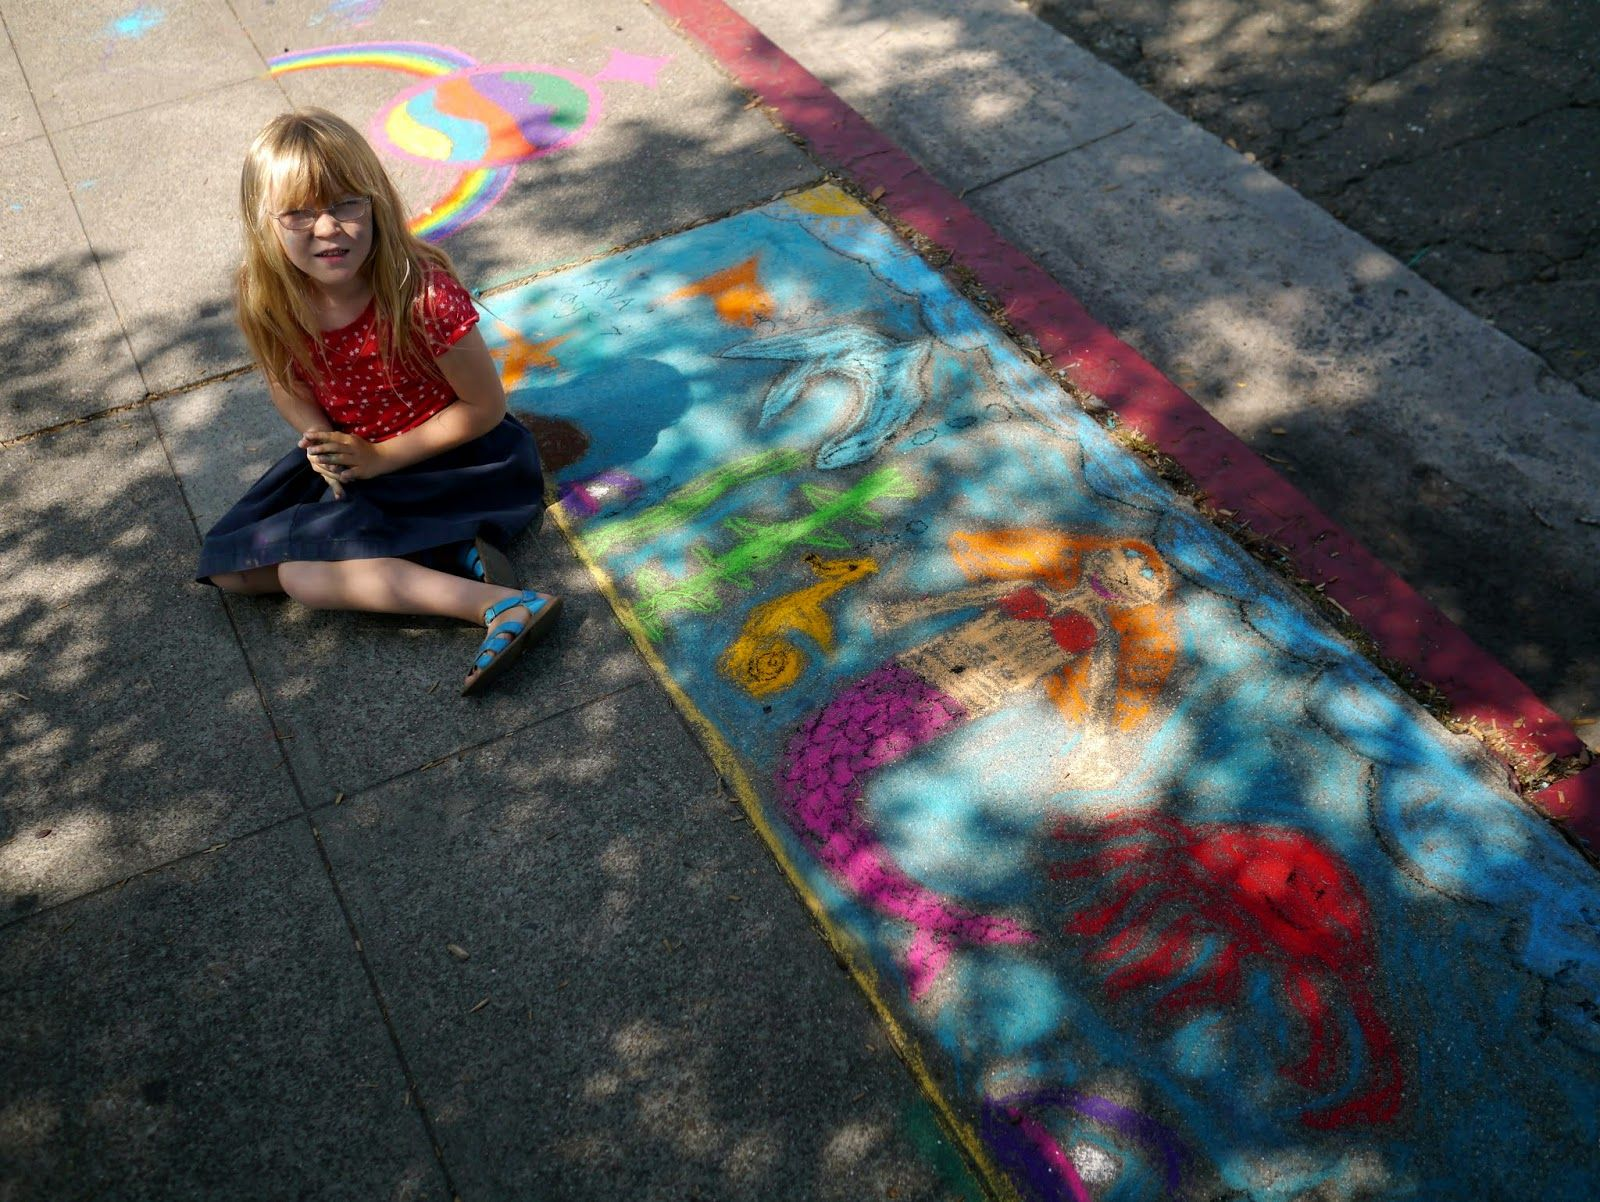 Photo: http://www.littlehiccups.net/2014/06/berkeley-chocolate-and-chalk-art.html